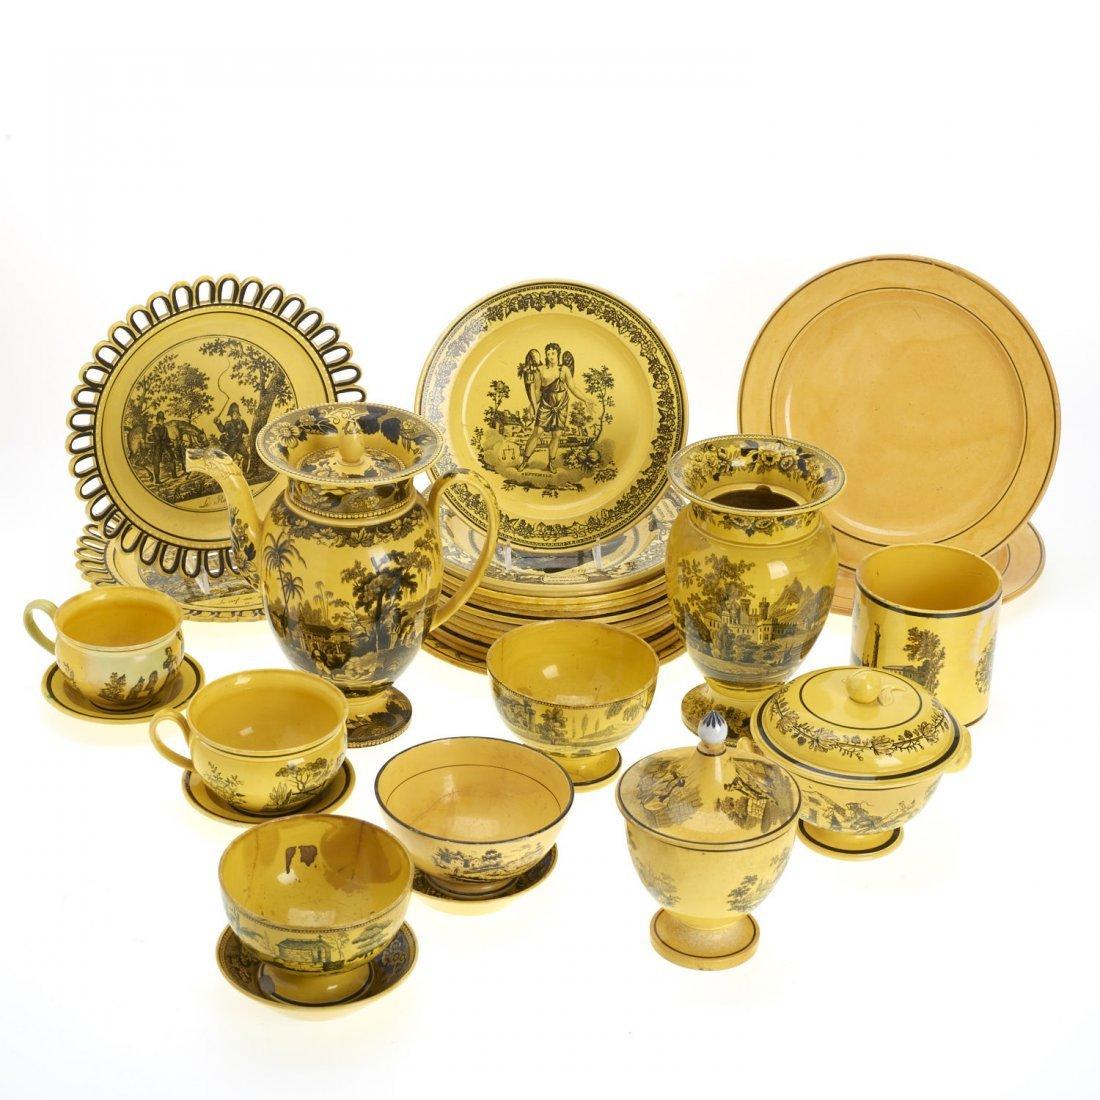 Assembled antique Creil yellow dinner service